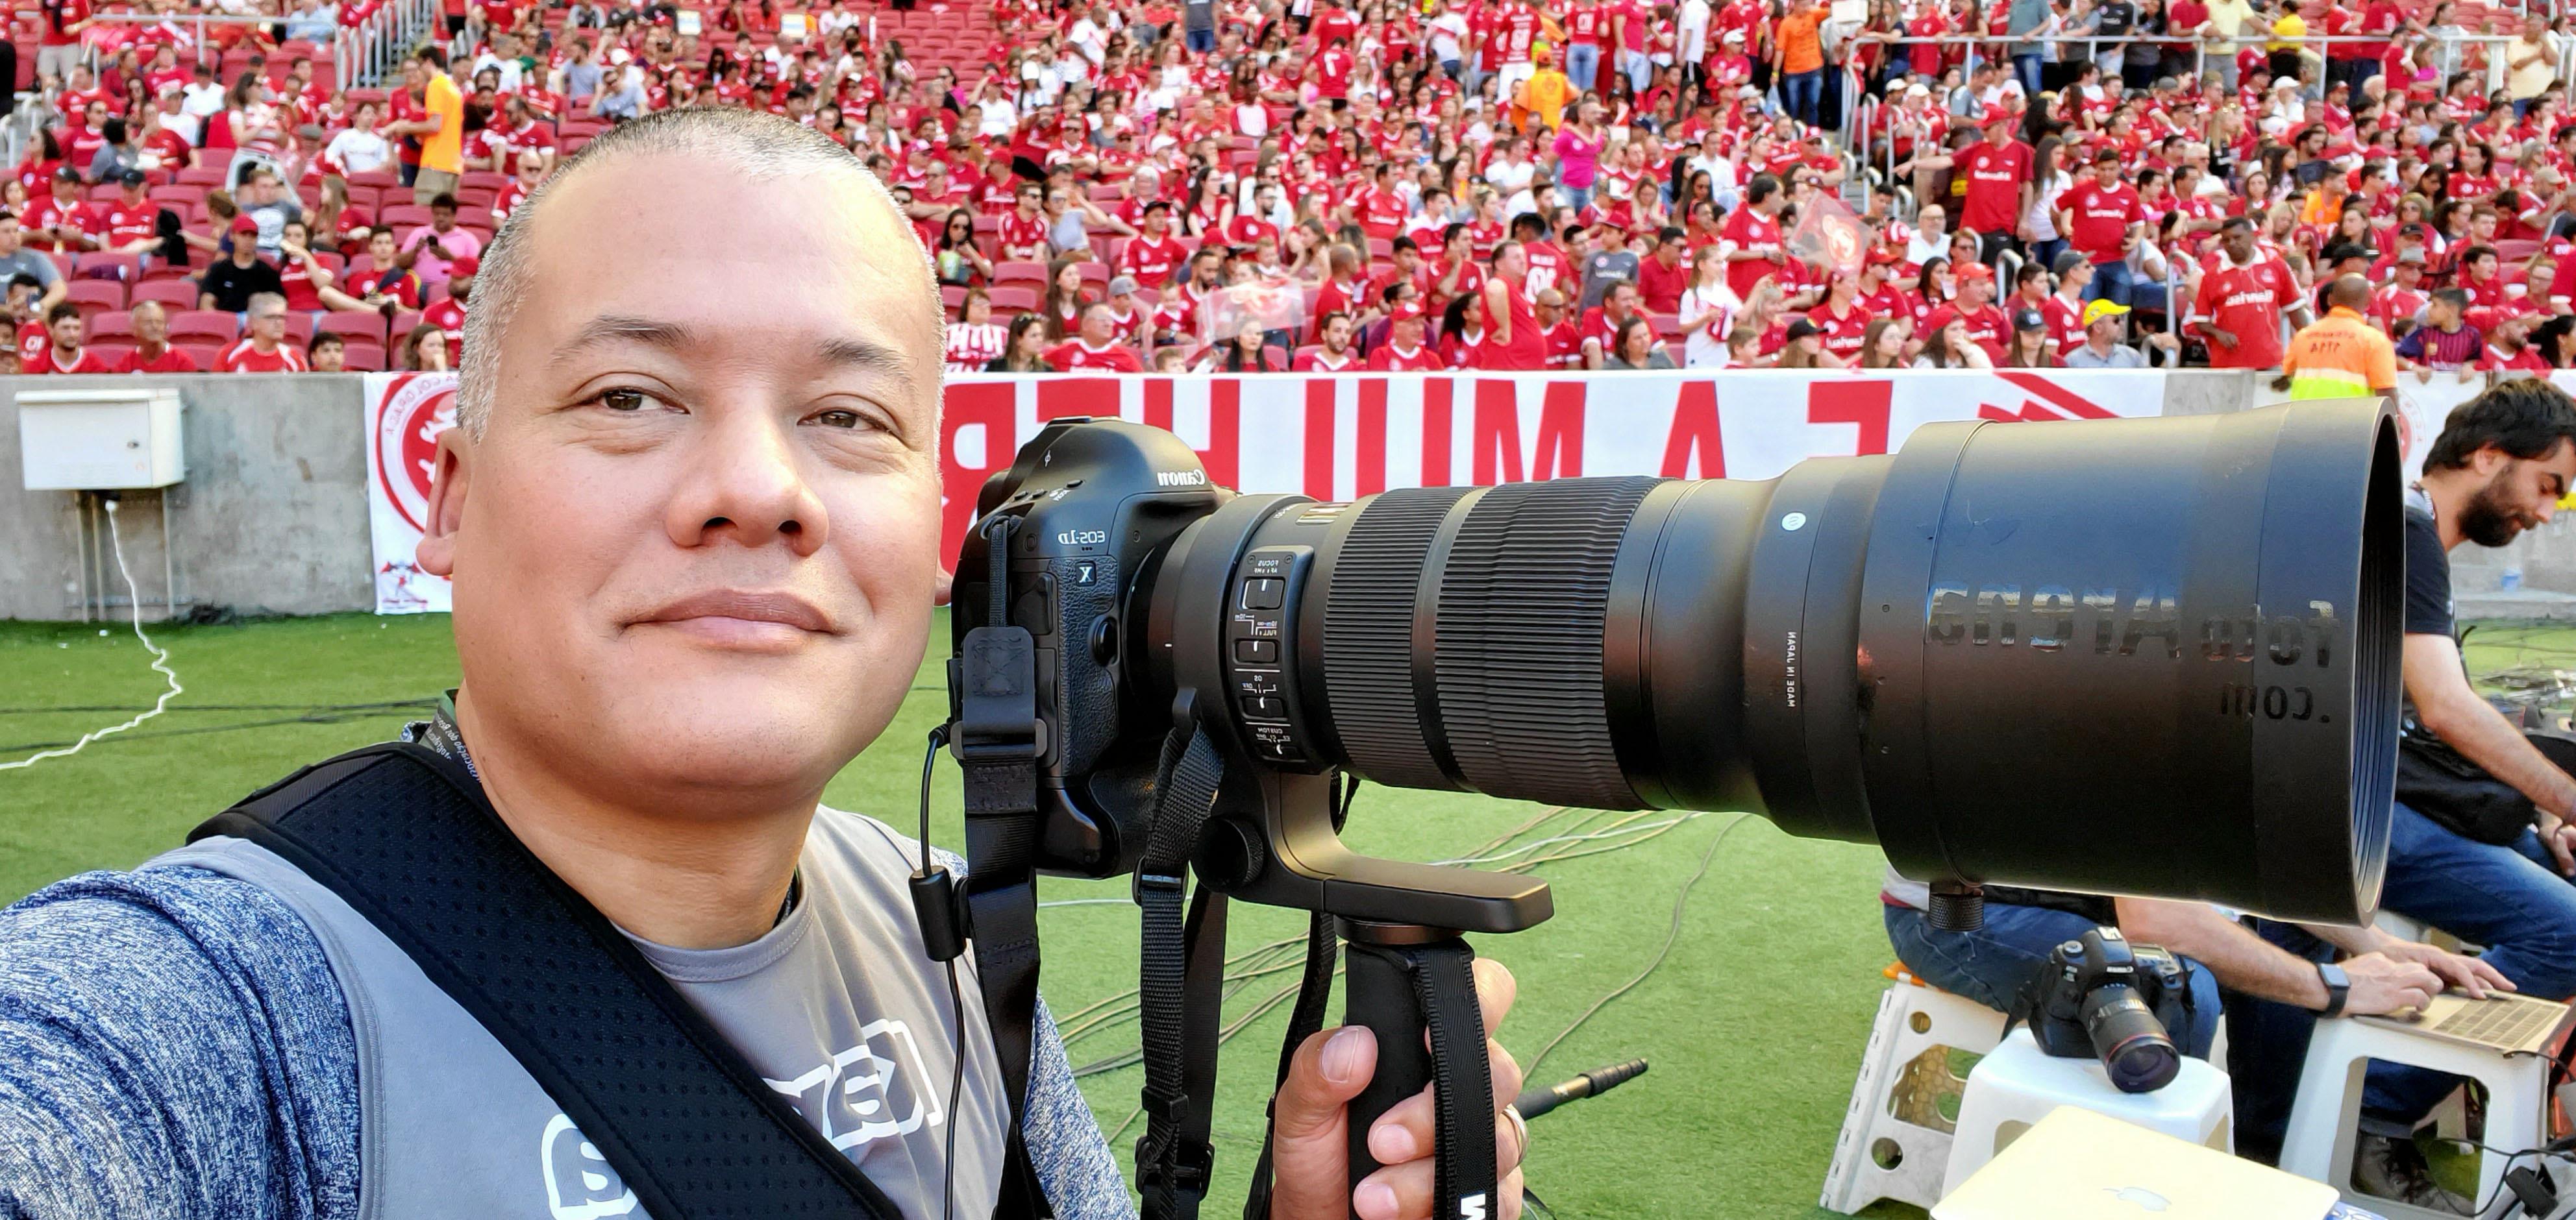 Sobre Raul Pereira - Fotografia